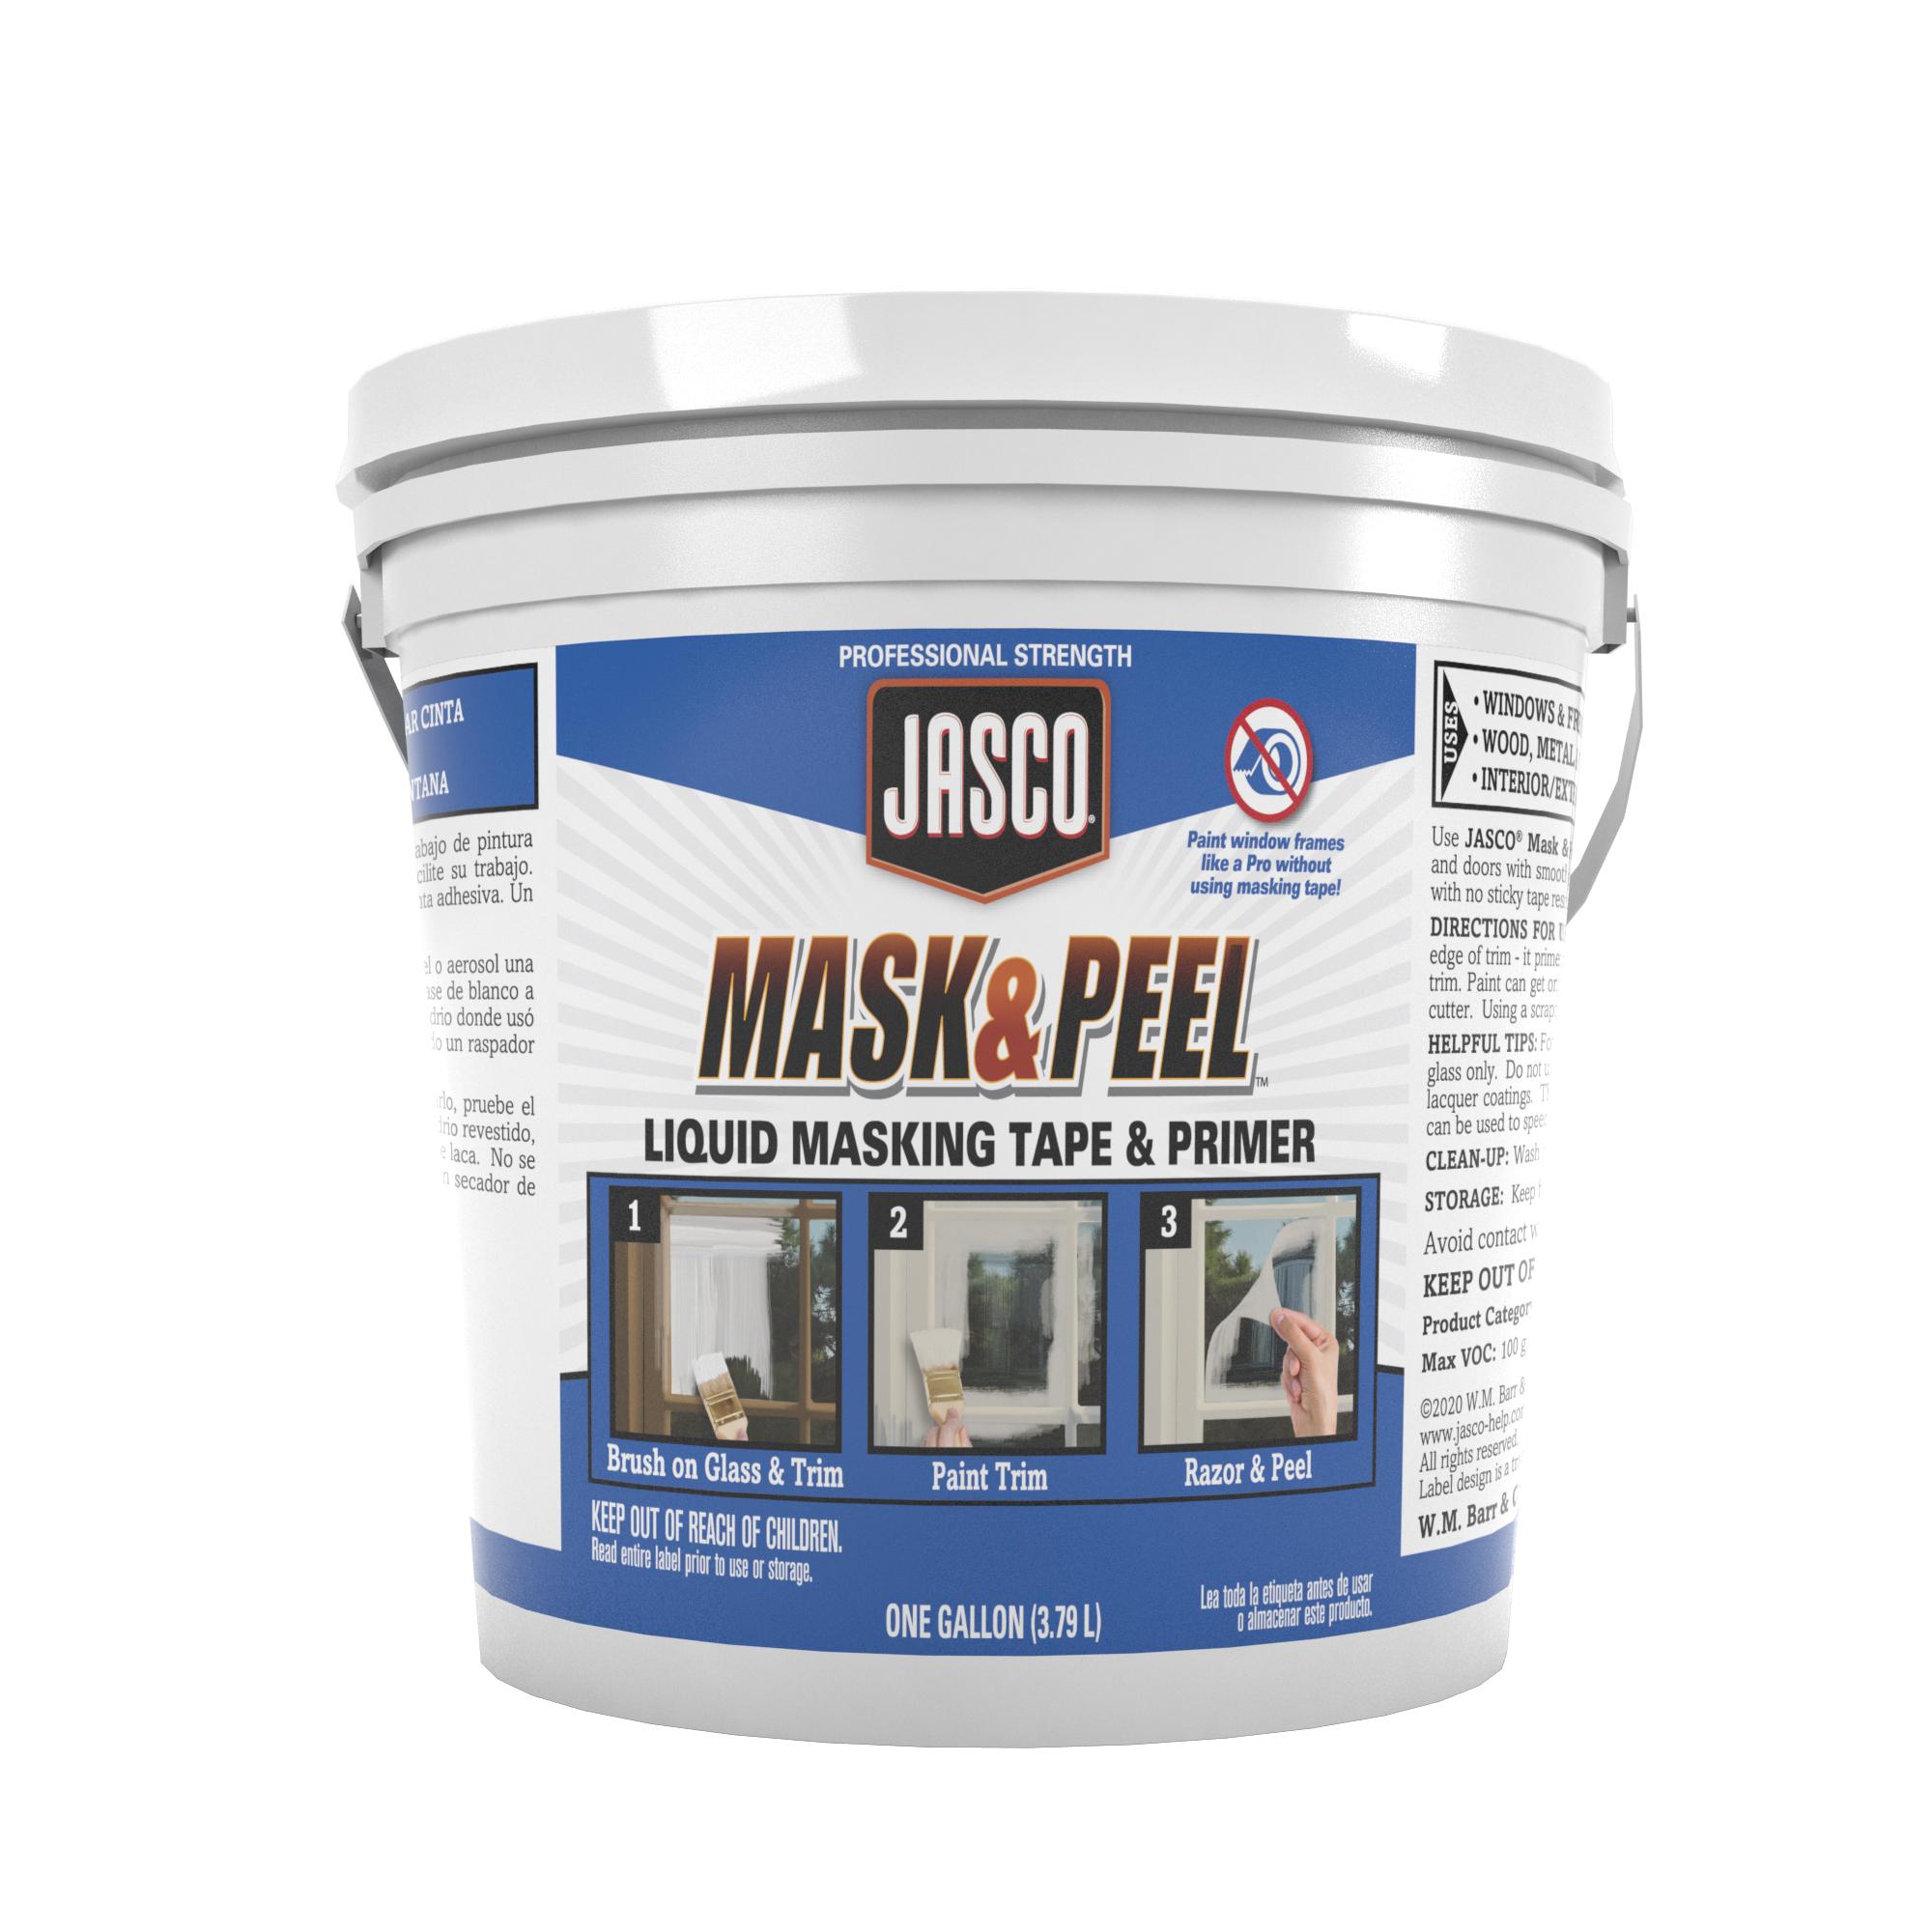 Mask & Peel